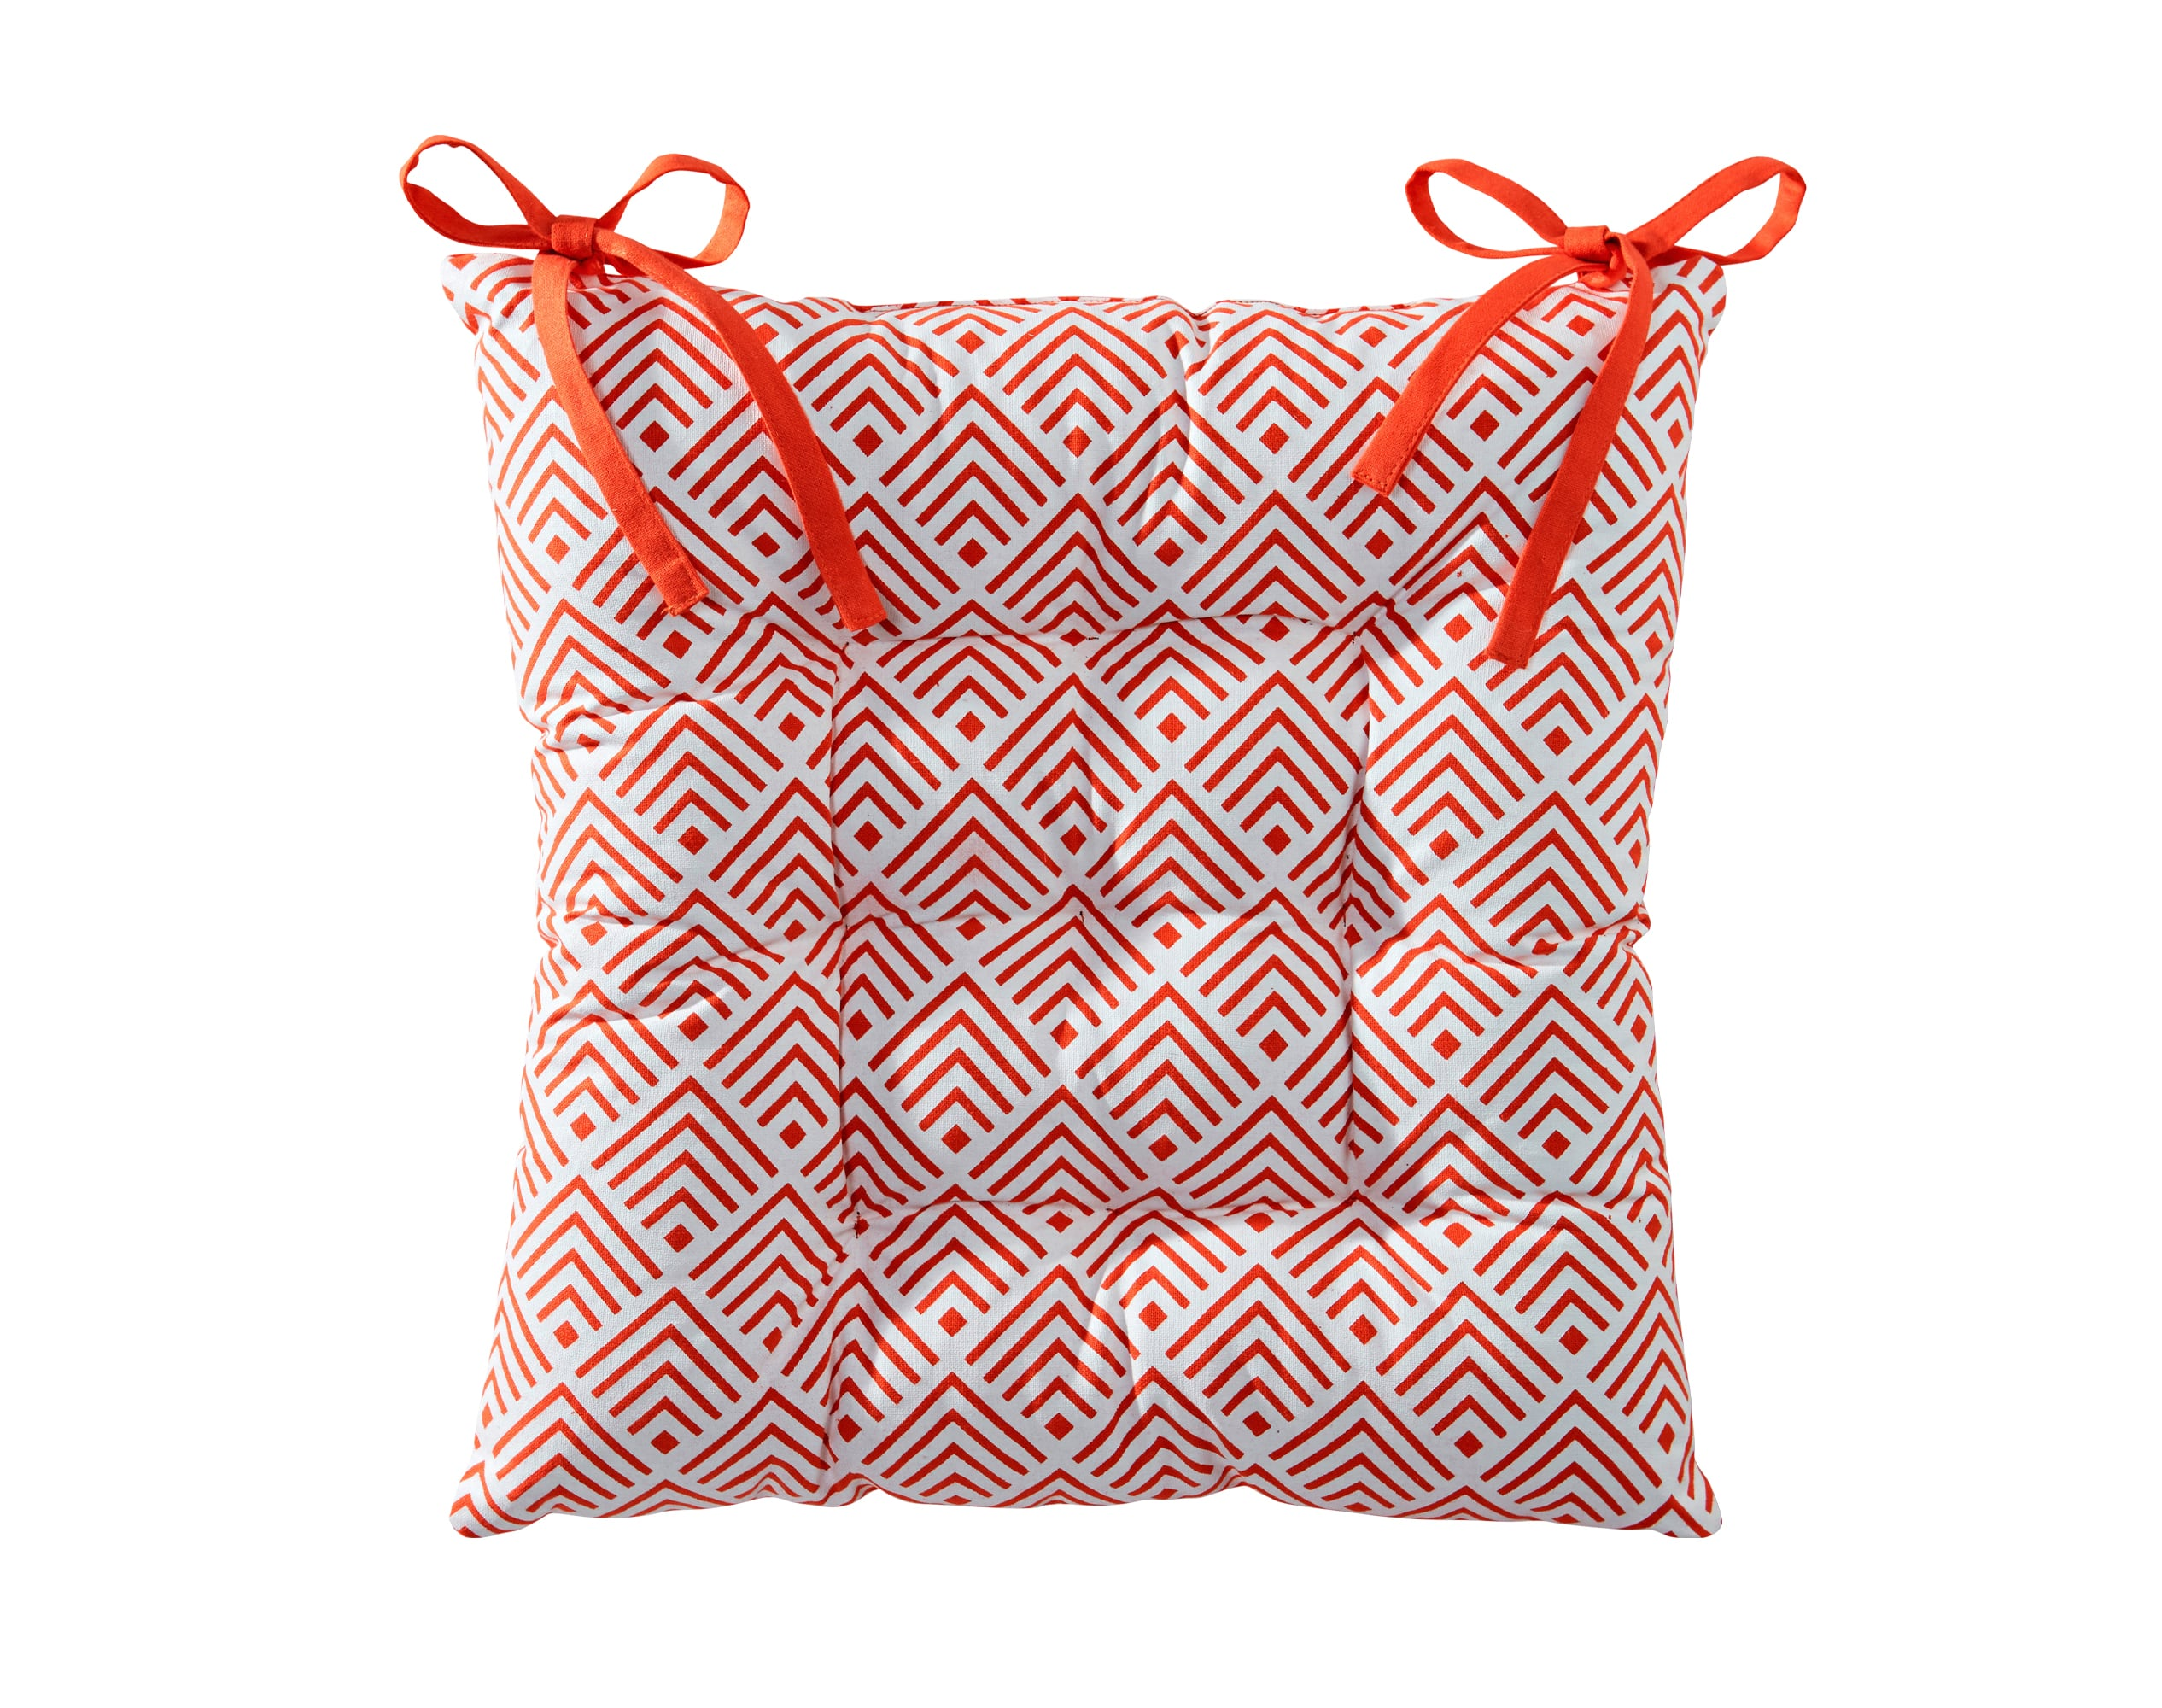 Galette de chaise réversible orange paprika 40x40 en coton